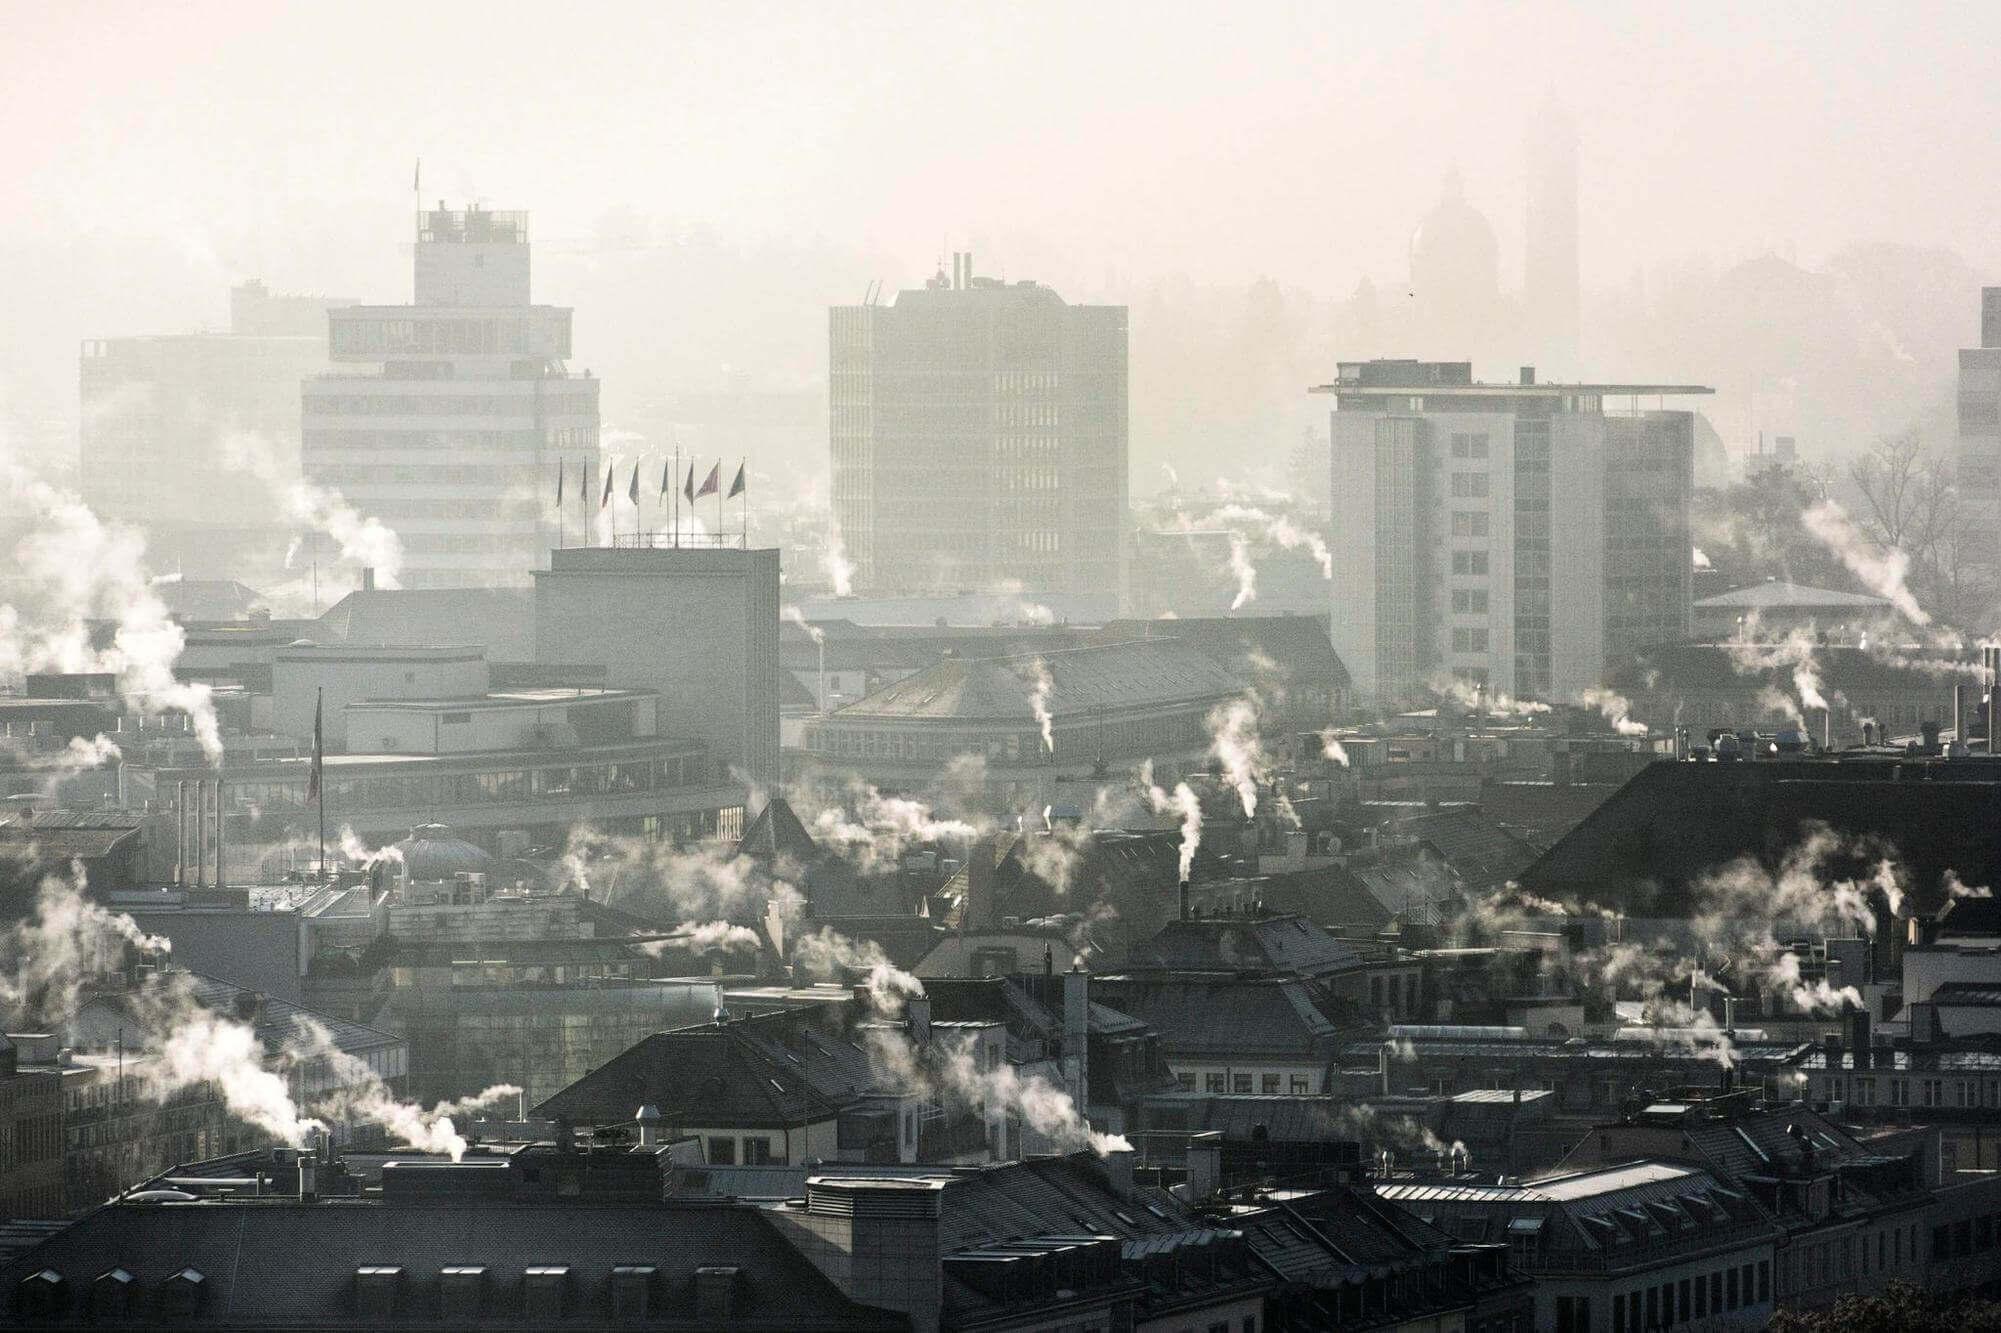 Des villes comme Zurich, en revanche, doivent rattraper leur retard en matière de transition énergétique. Tages-Anzeiger/Urs Jaudas